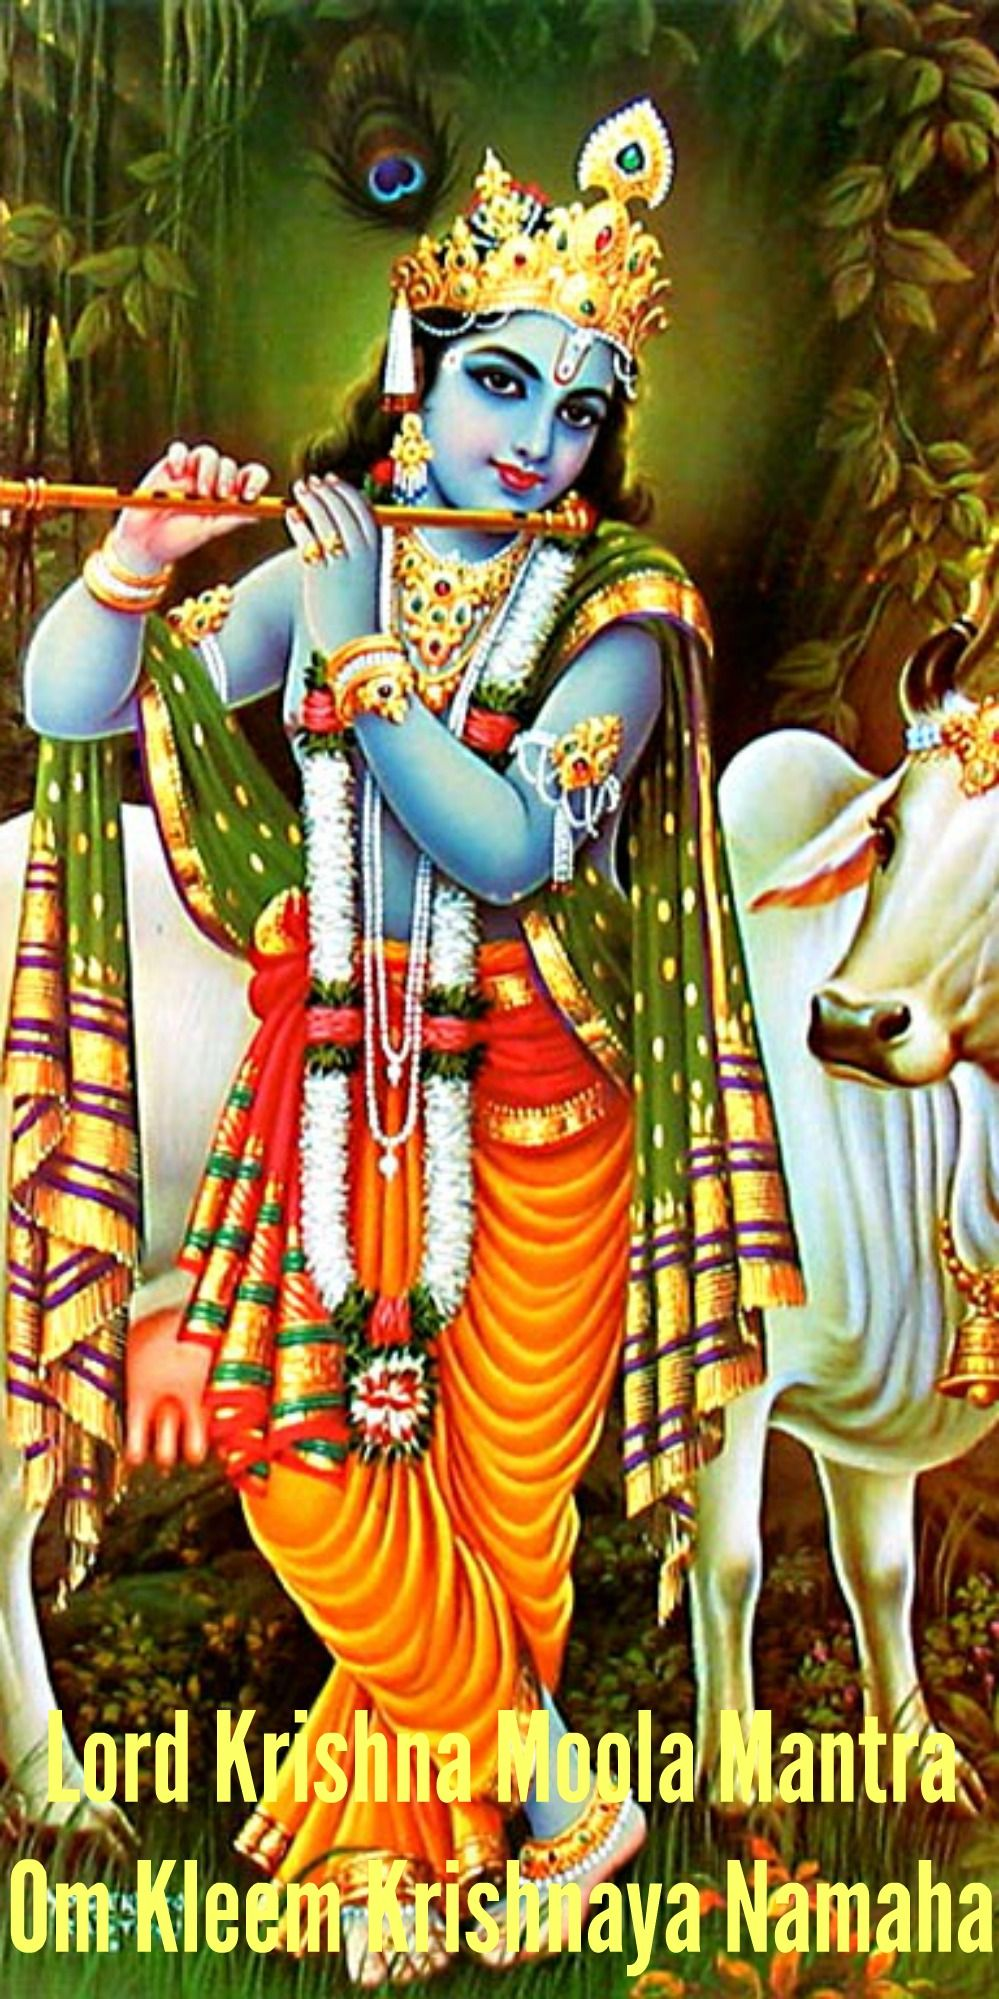 Om Kleem Krishnaya Namah – Shri Krishna Moola Mantra | Hinduism